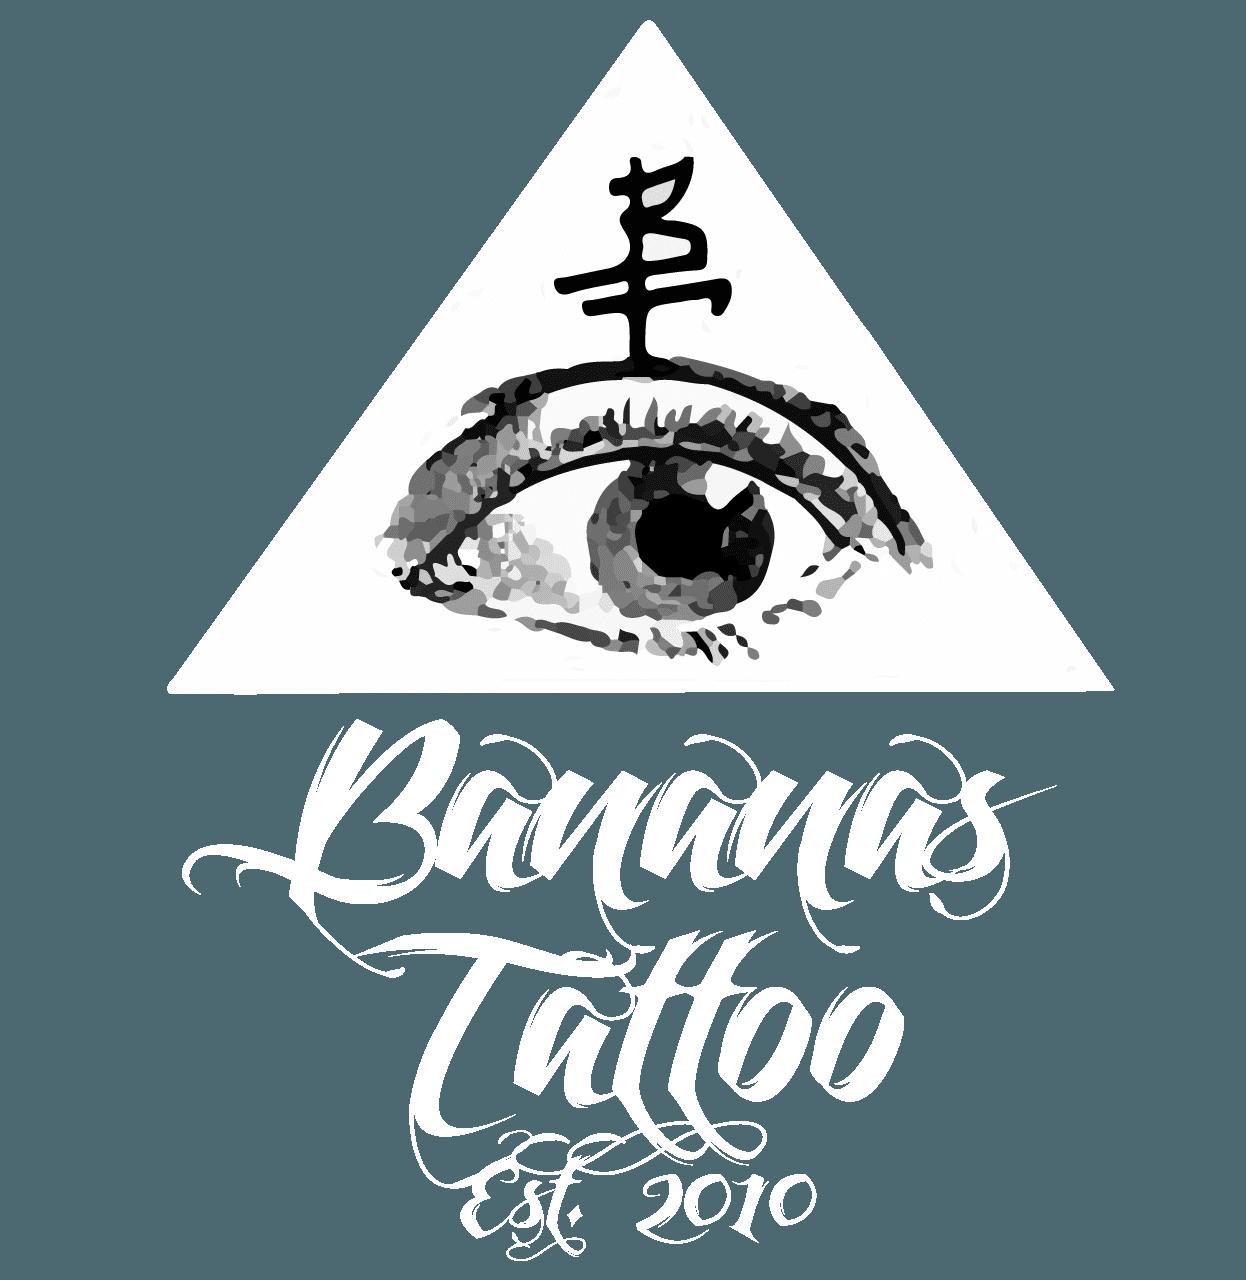 Bananas Tattoo logo